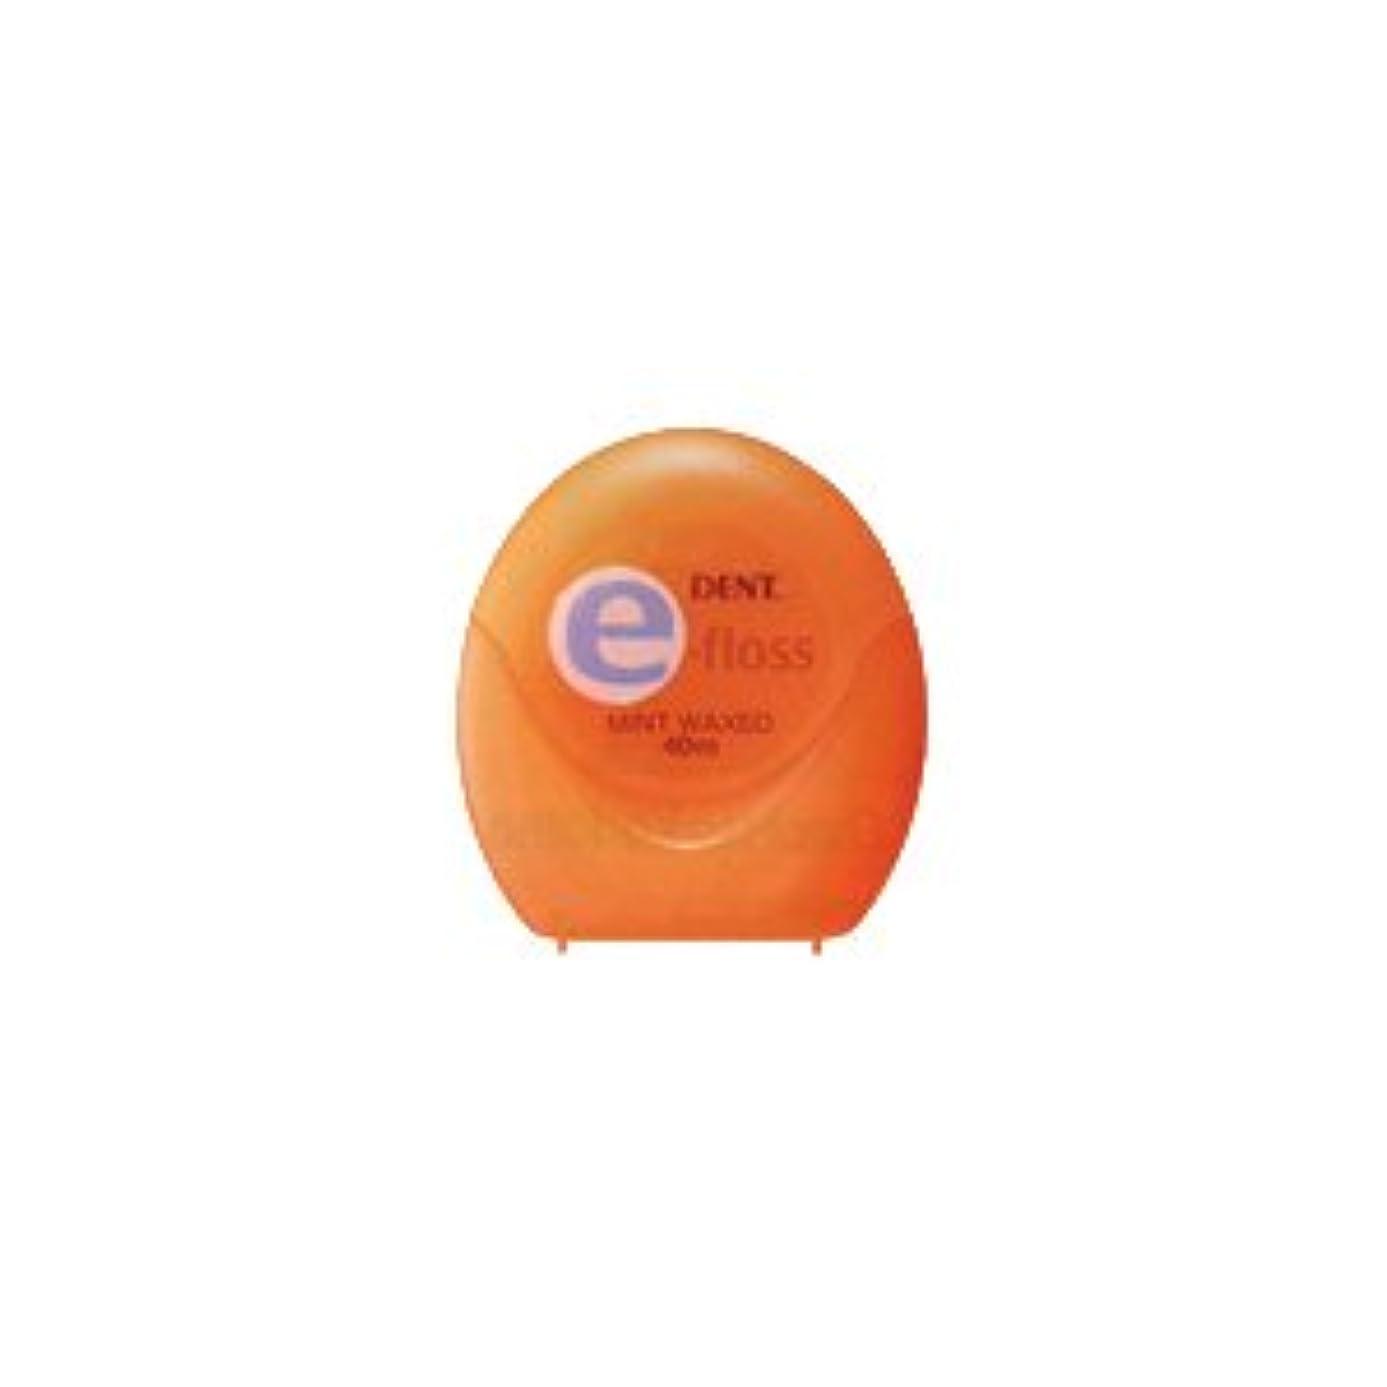 ライオン DENT.e-floss デントイーフロス 1個 (オレンジ)